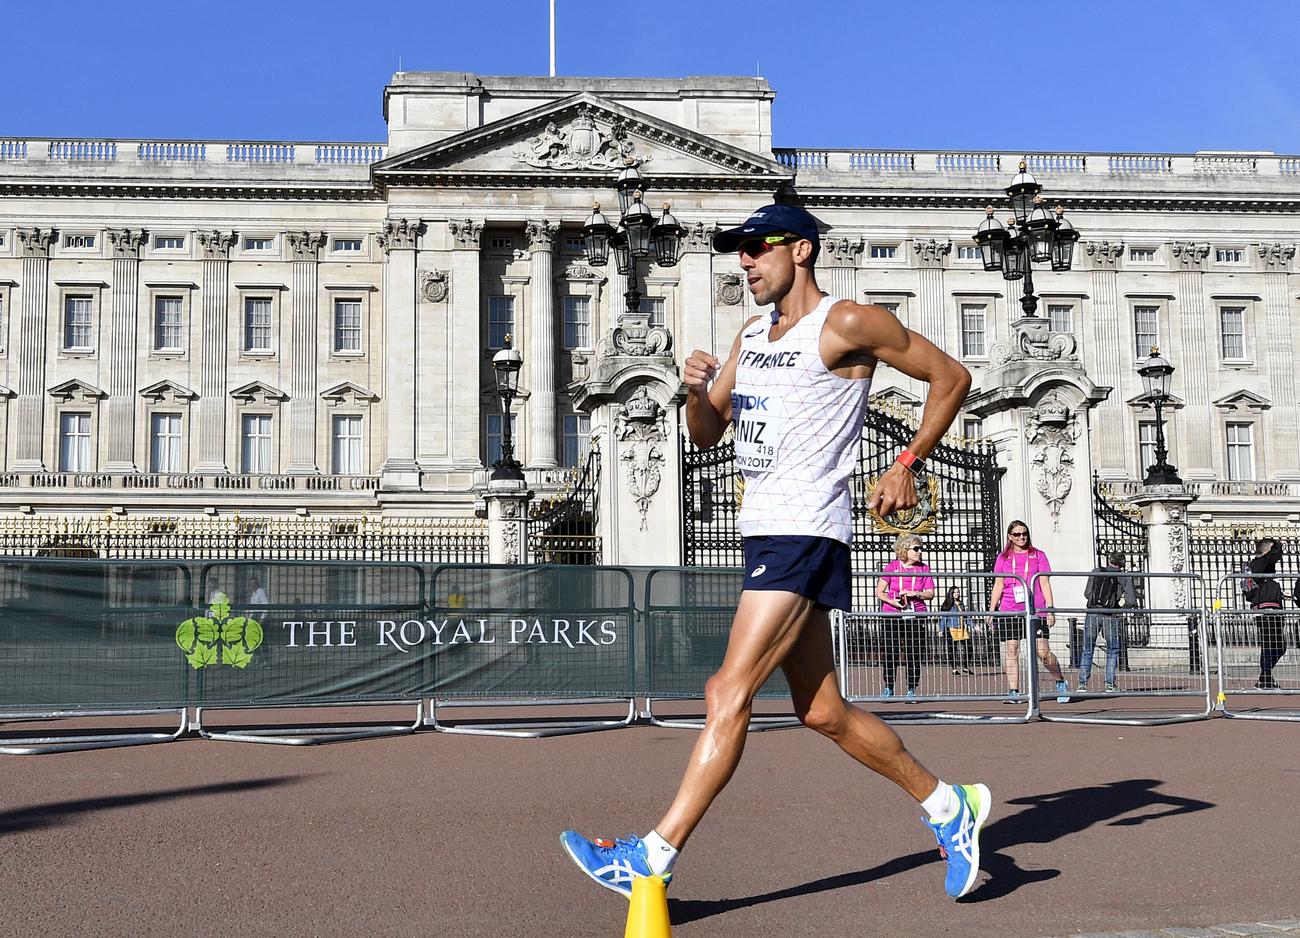 Athlétisme: Diniz champion du monde du 50 km marche, 3e titre français